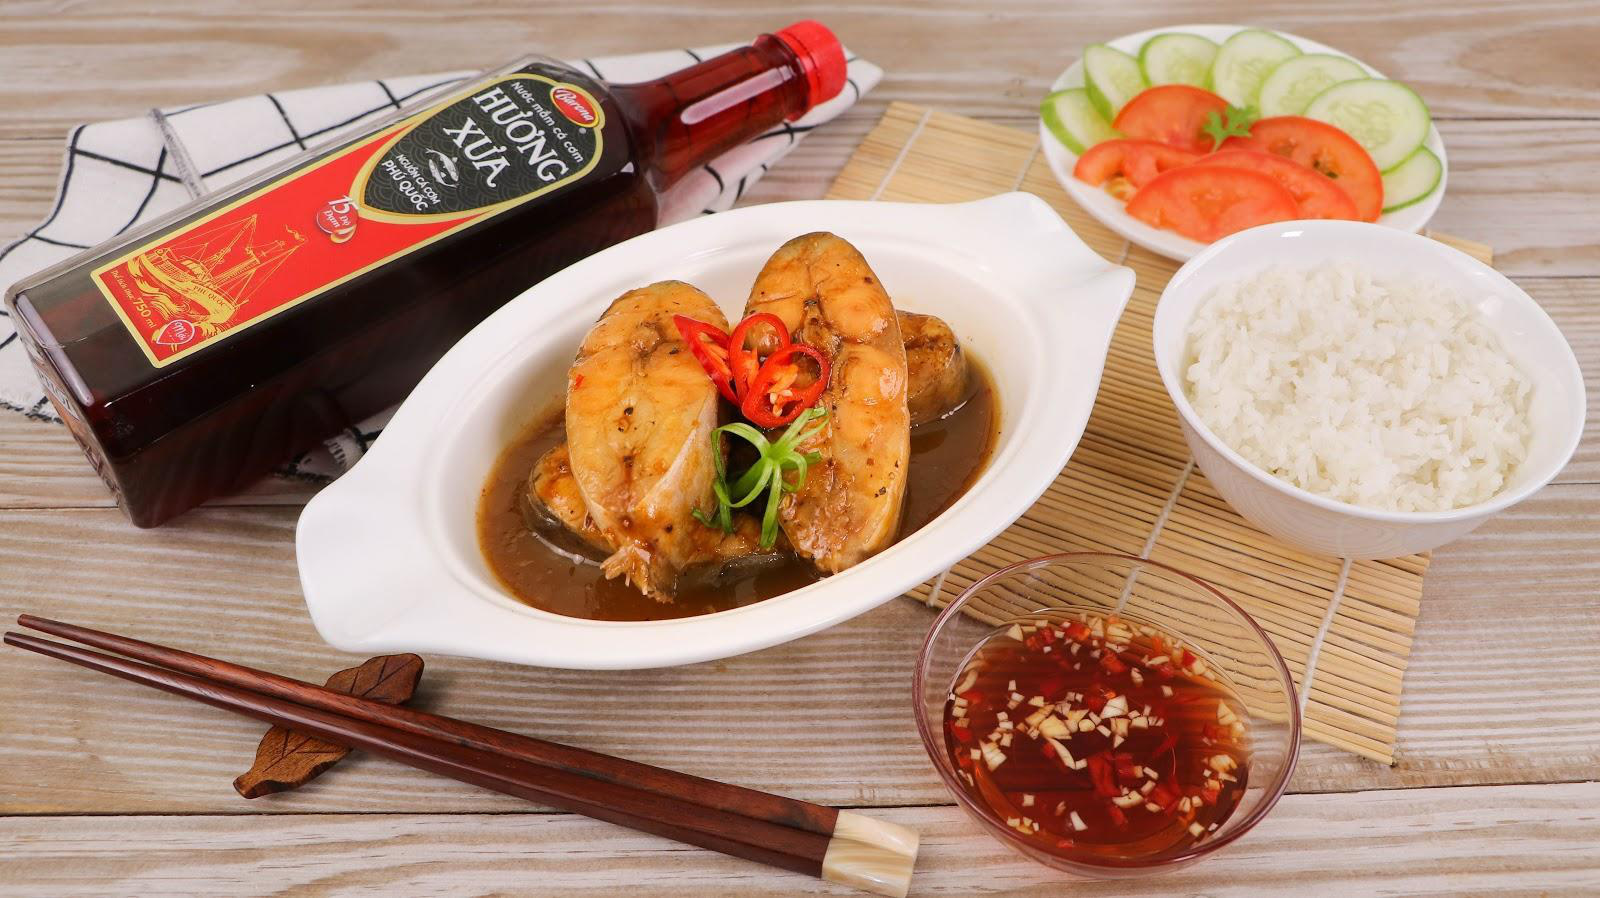 Nước mắm cá cơm - Hồn túy ẩm thực Việt - Ảnh 3.